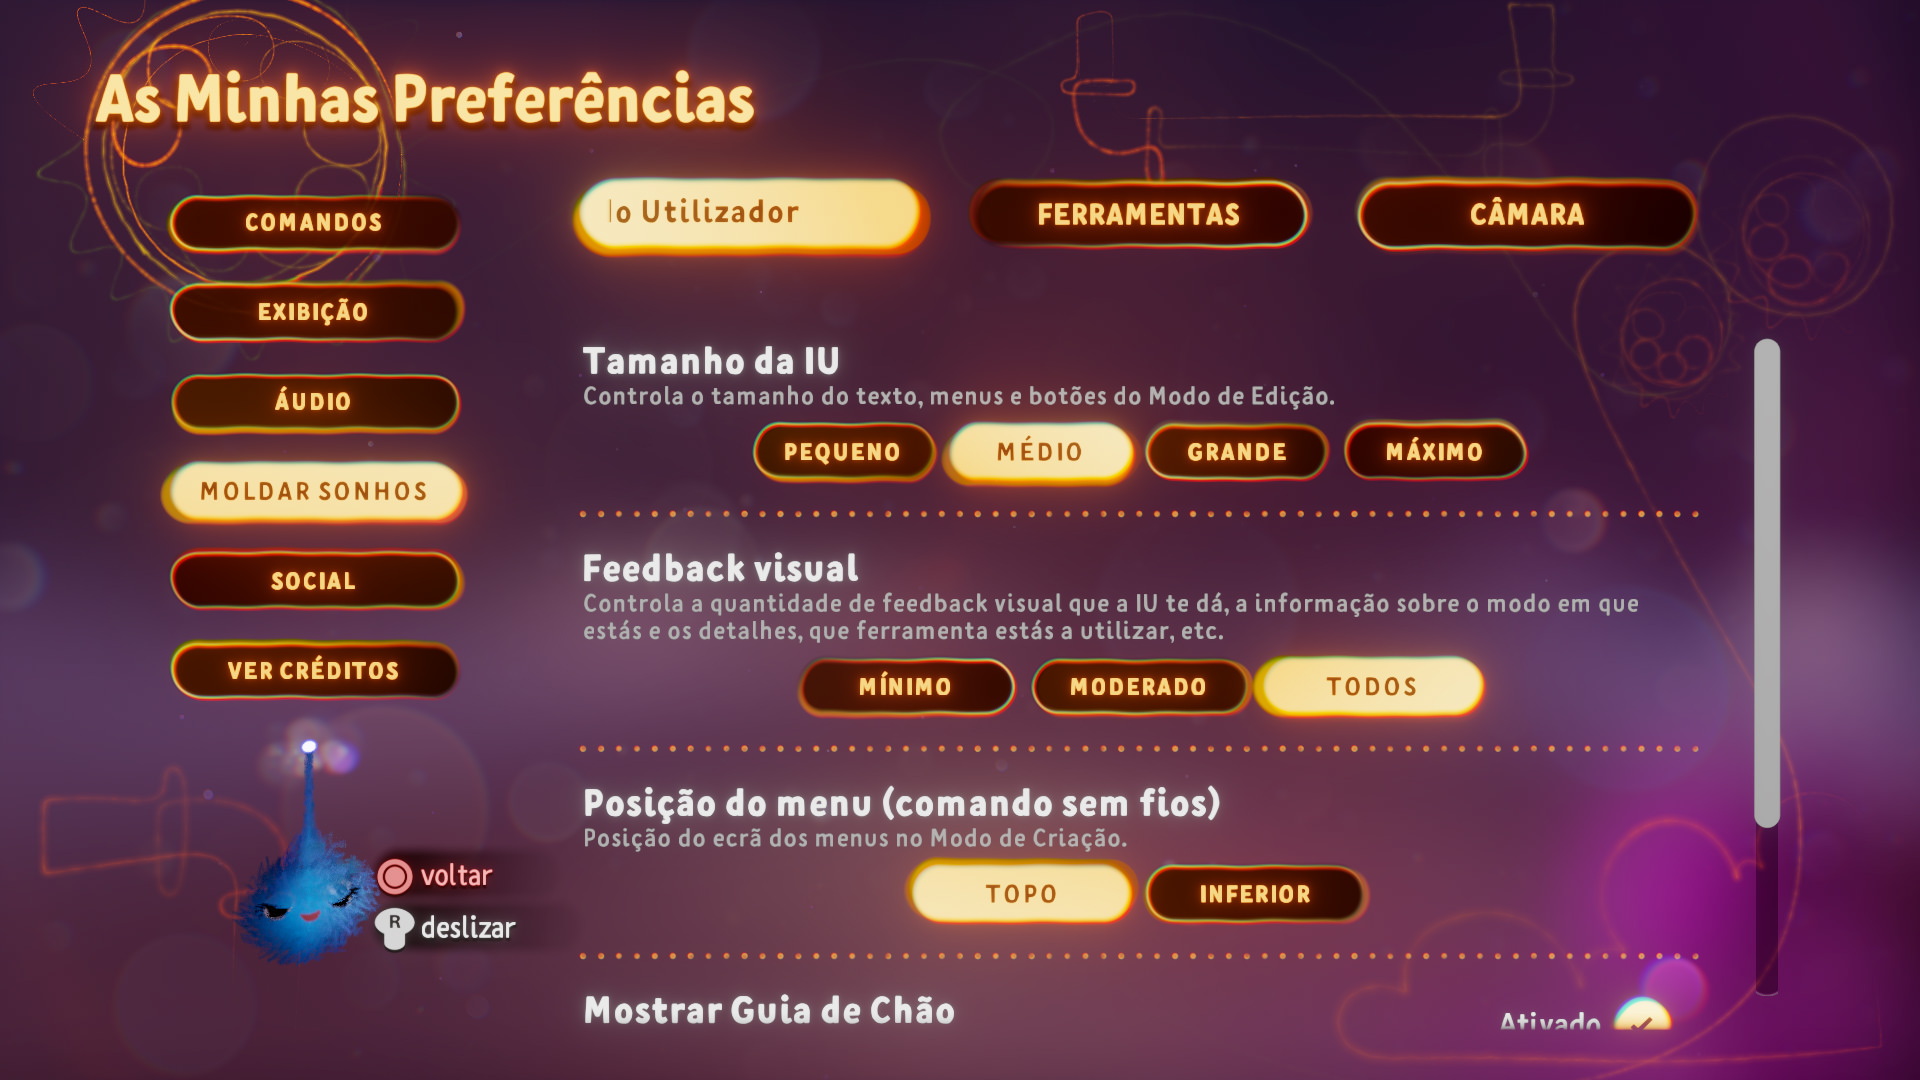 Captura de ecrã a mostrar opções de tamanho de IU no menu de Preferências